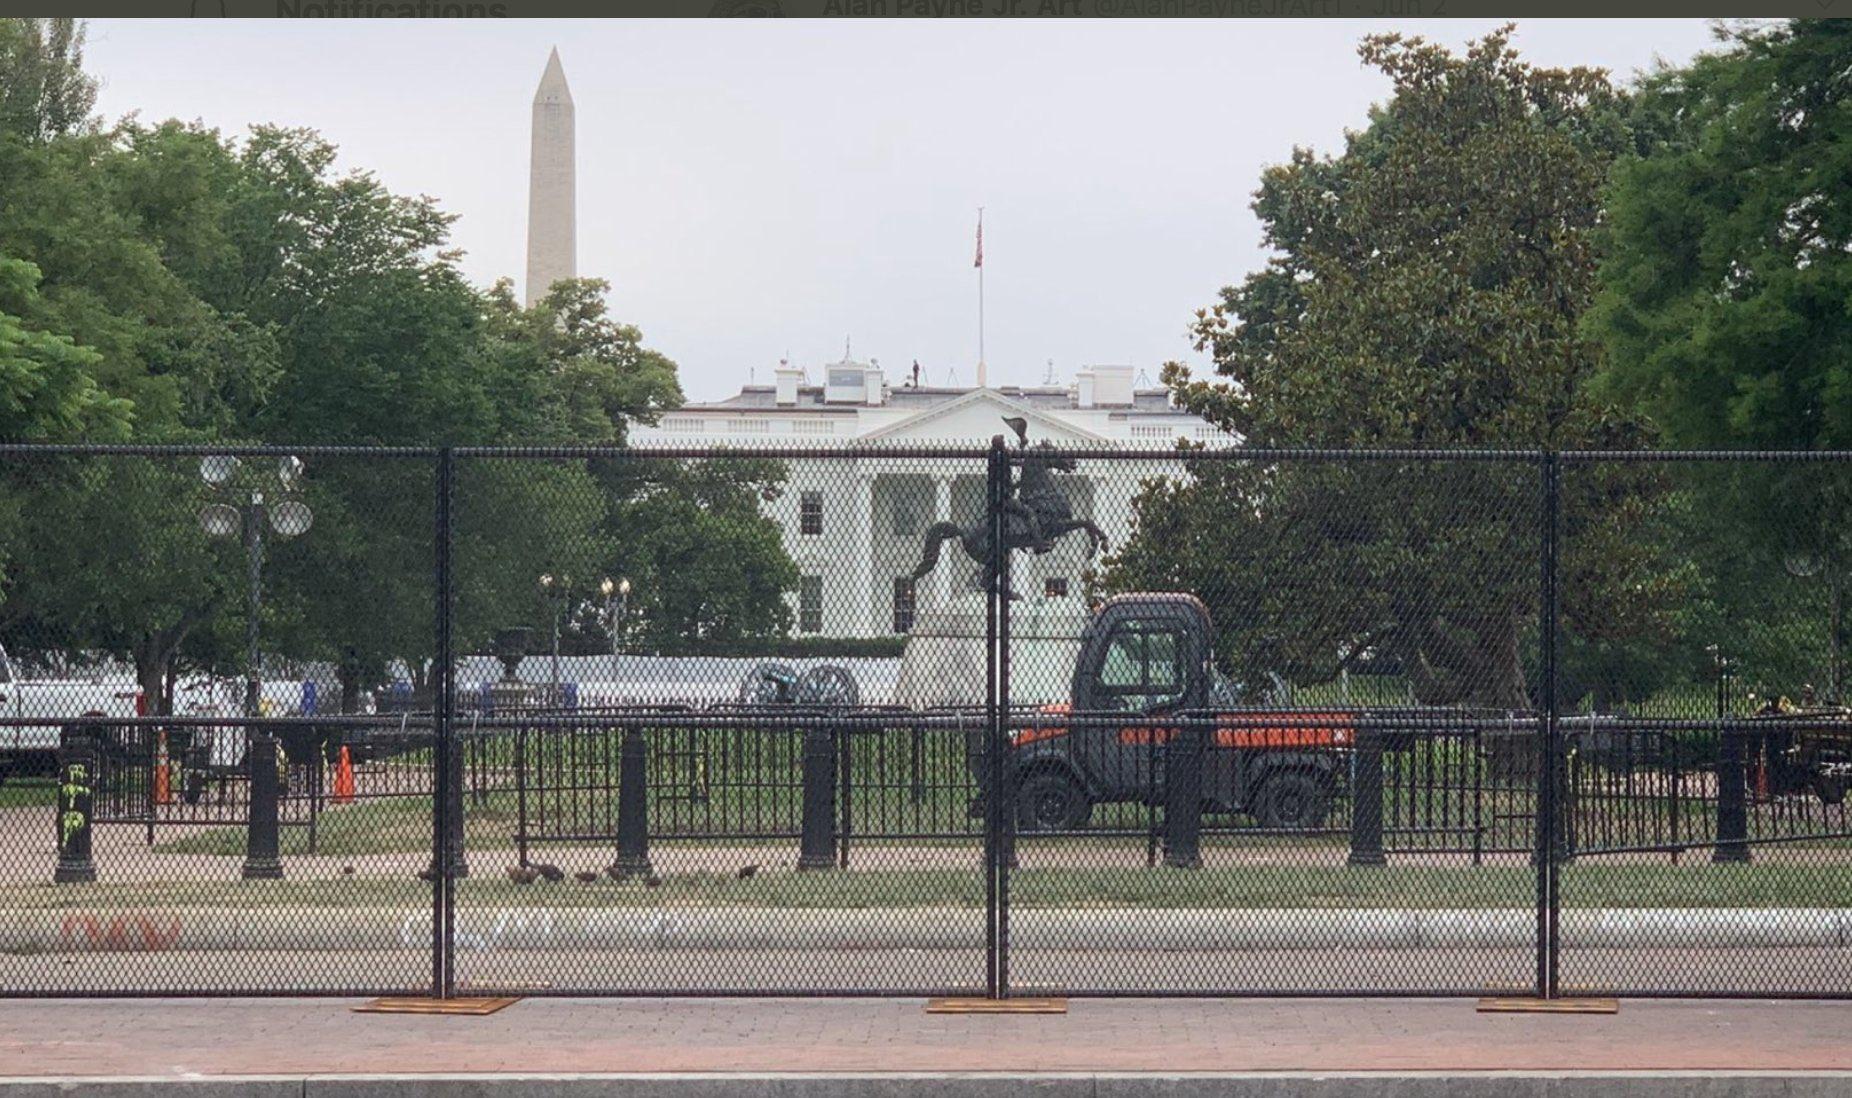 السياج الحديدي حول البيت الأبيض/ تويتر